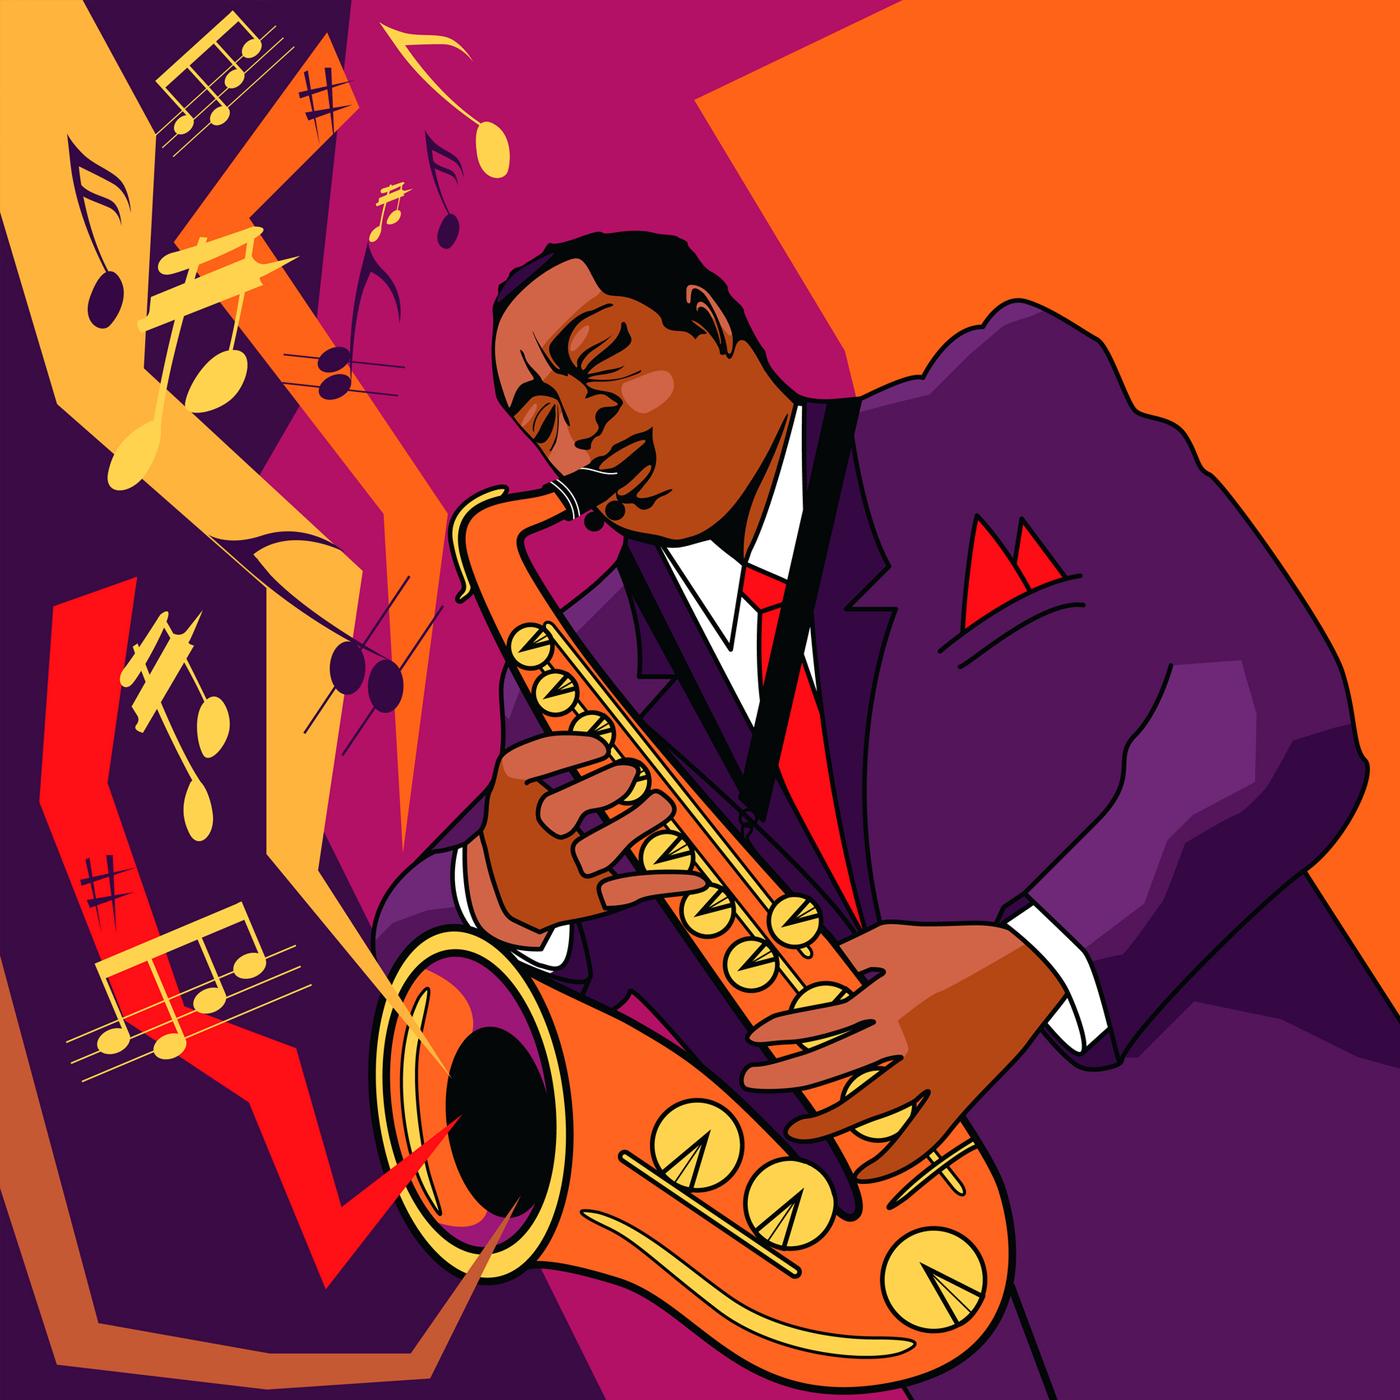 Guitar Jazz Music - JAZZRADIO com